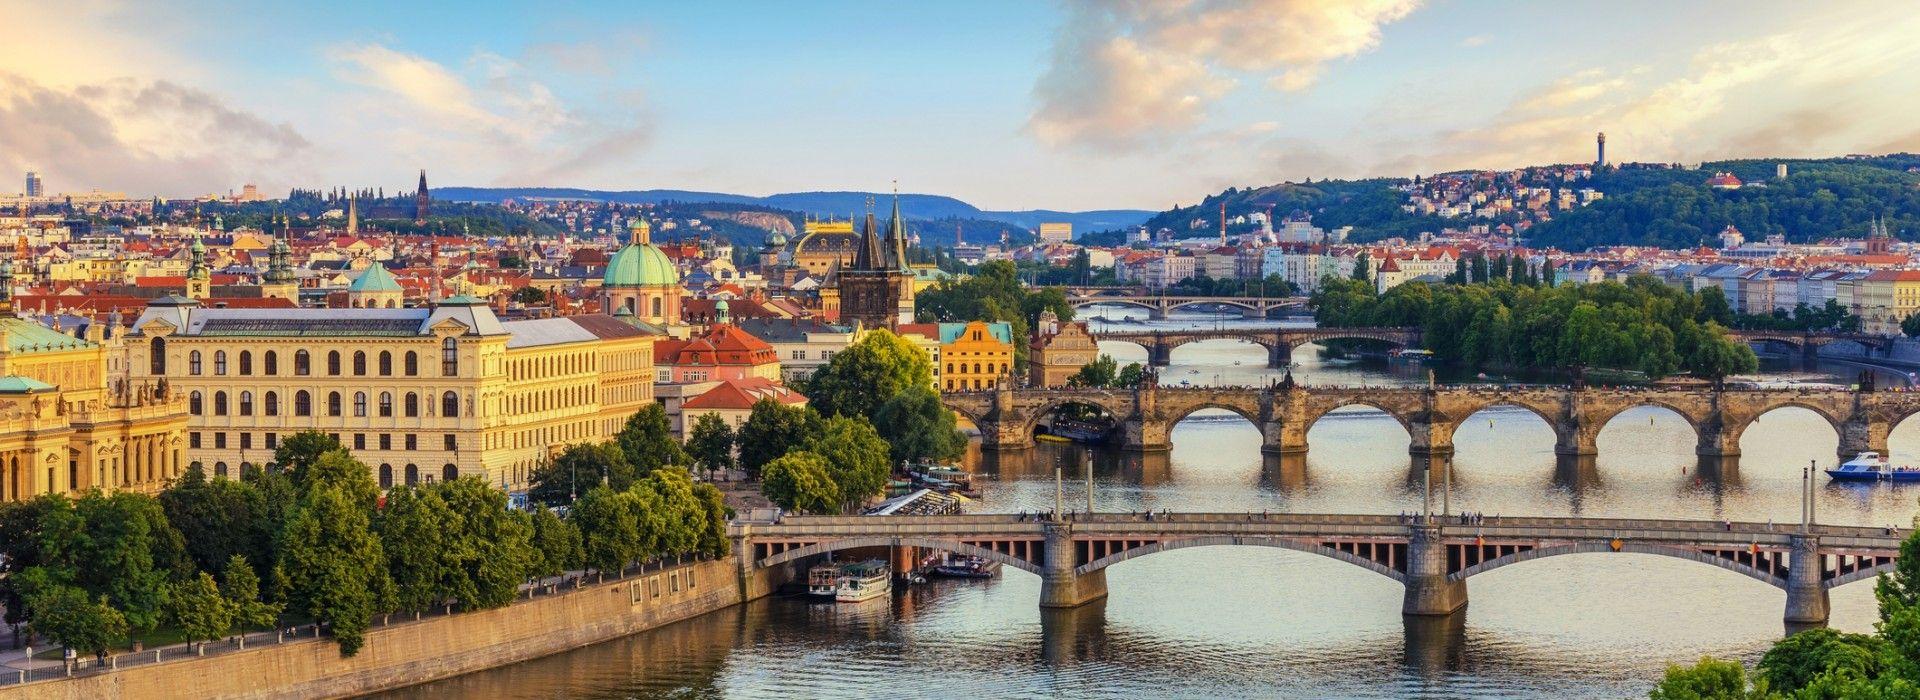 Cruise Tours in Prague